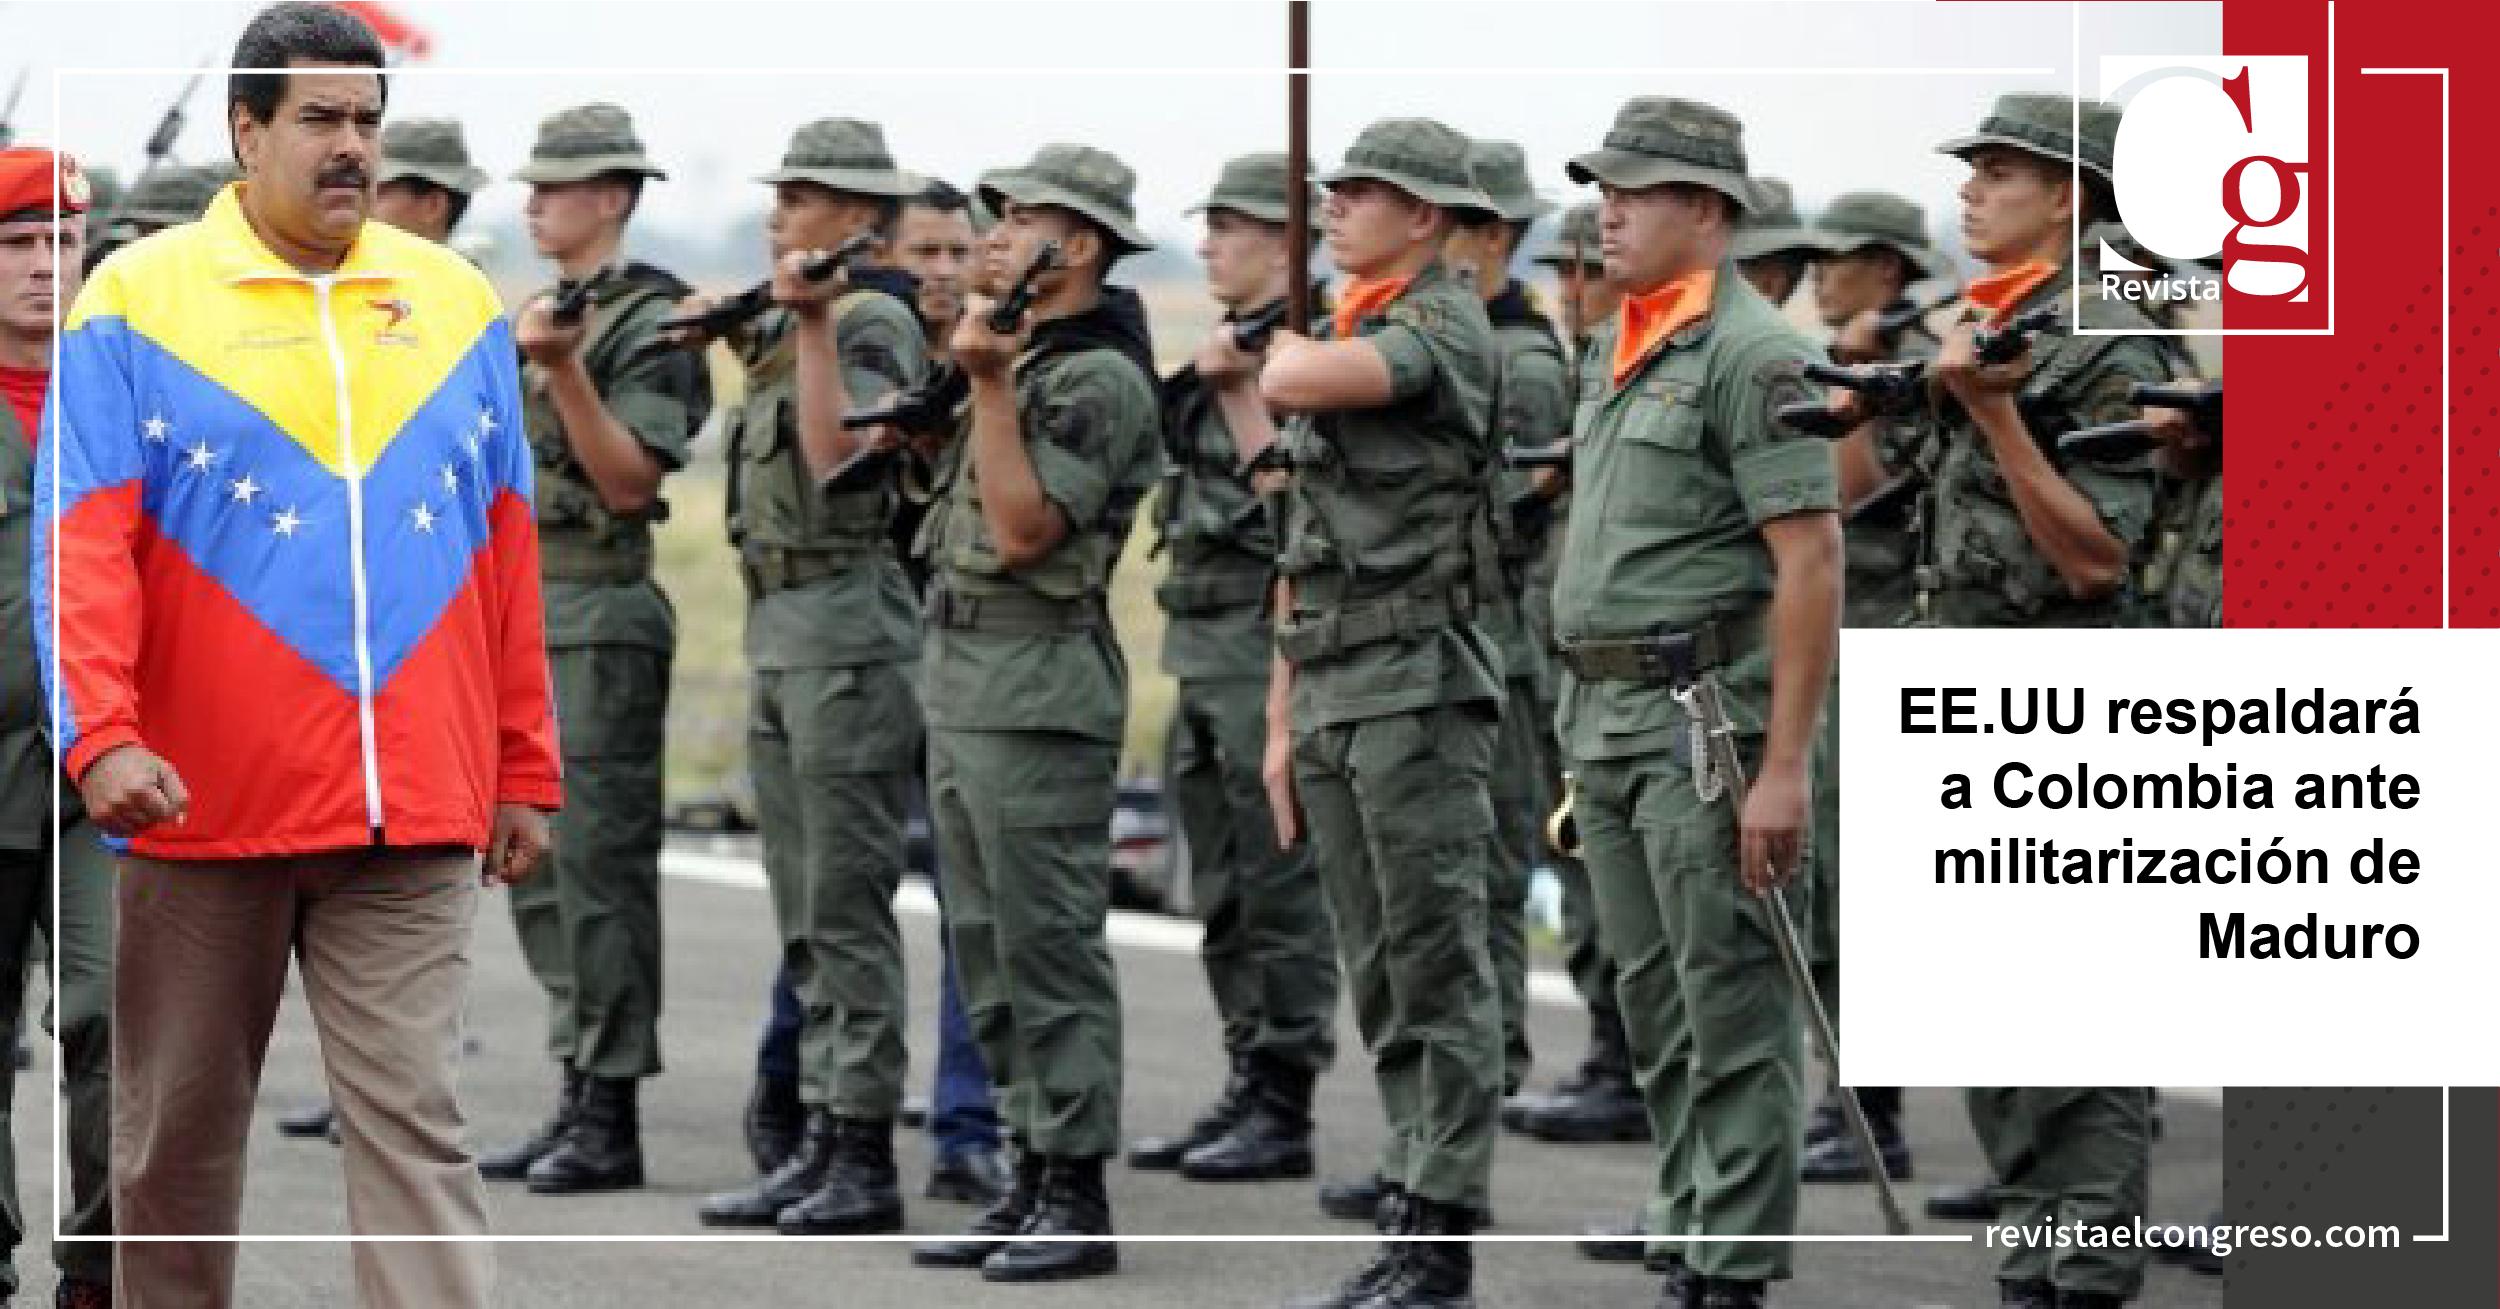 EE.UU respaldará a Colombia ante militarización de Maduro-01